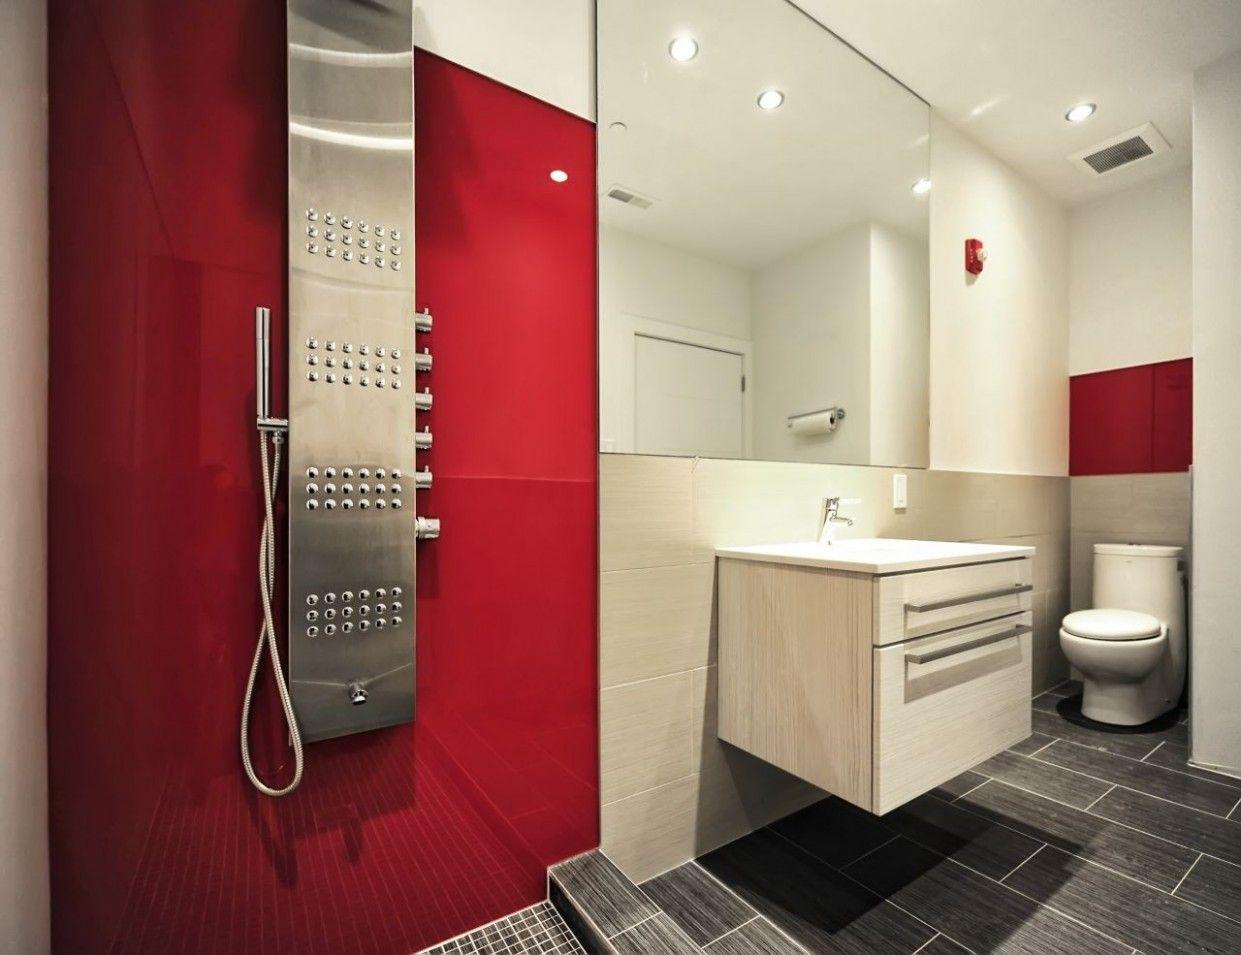 Acrylic Bathroom Wall Panels Di 2020 Dengan Gambar